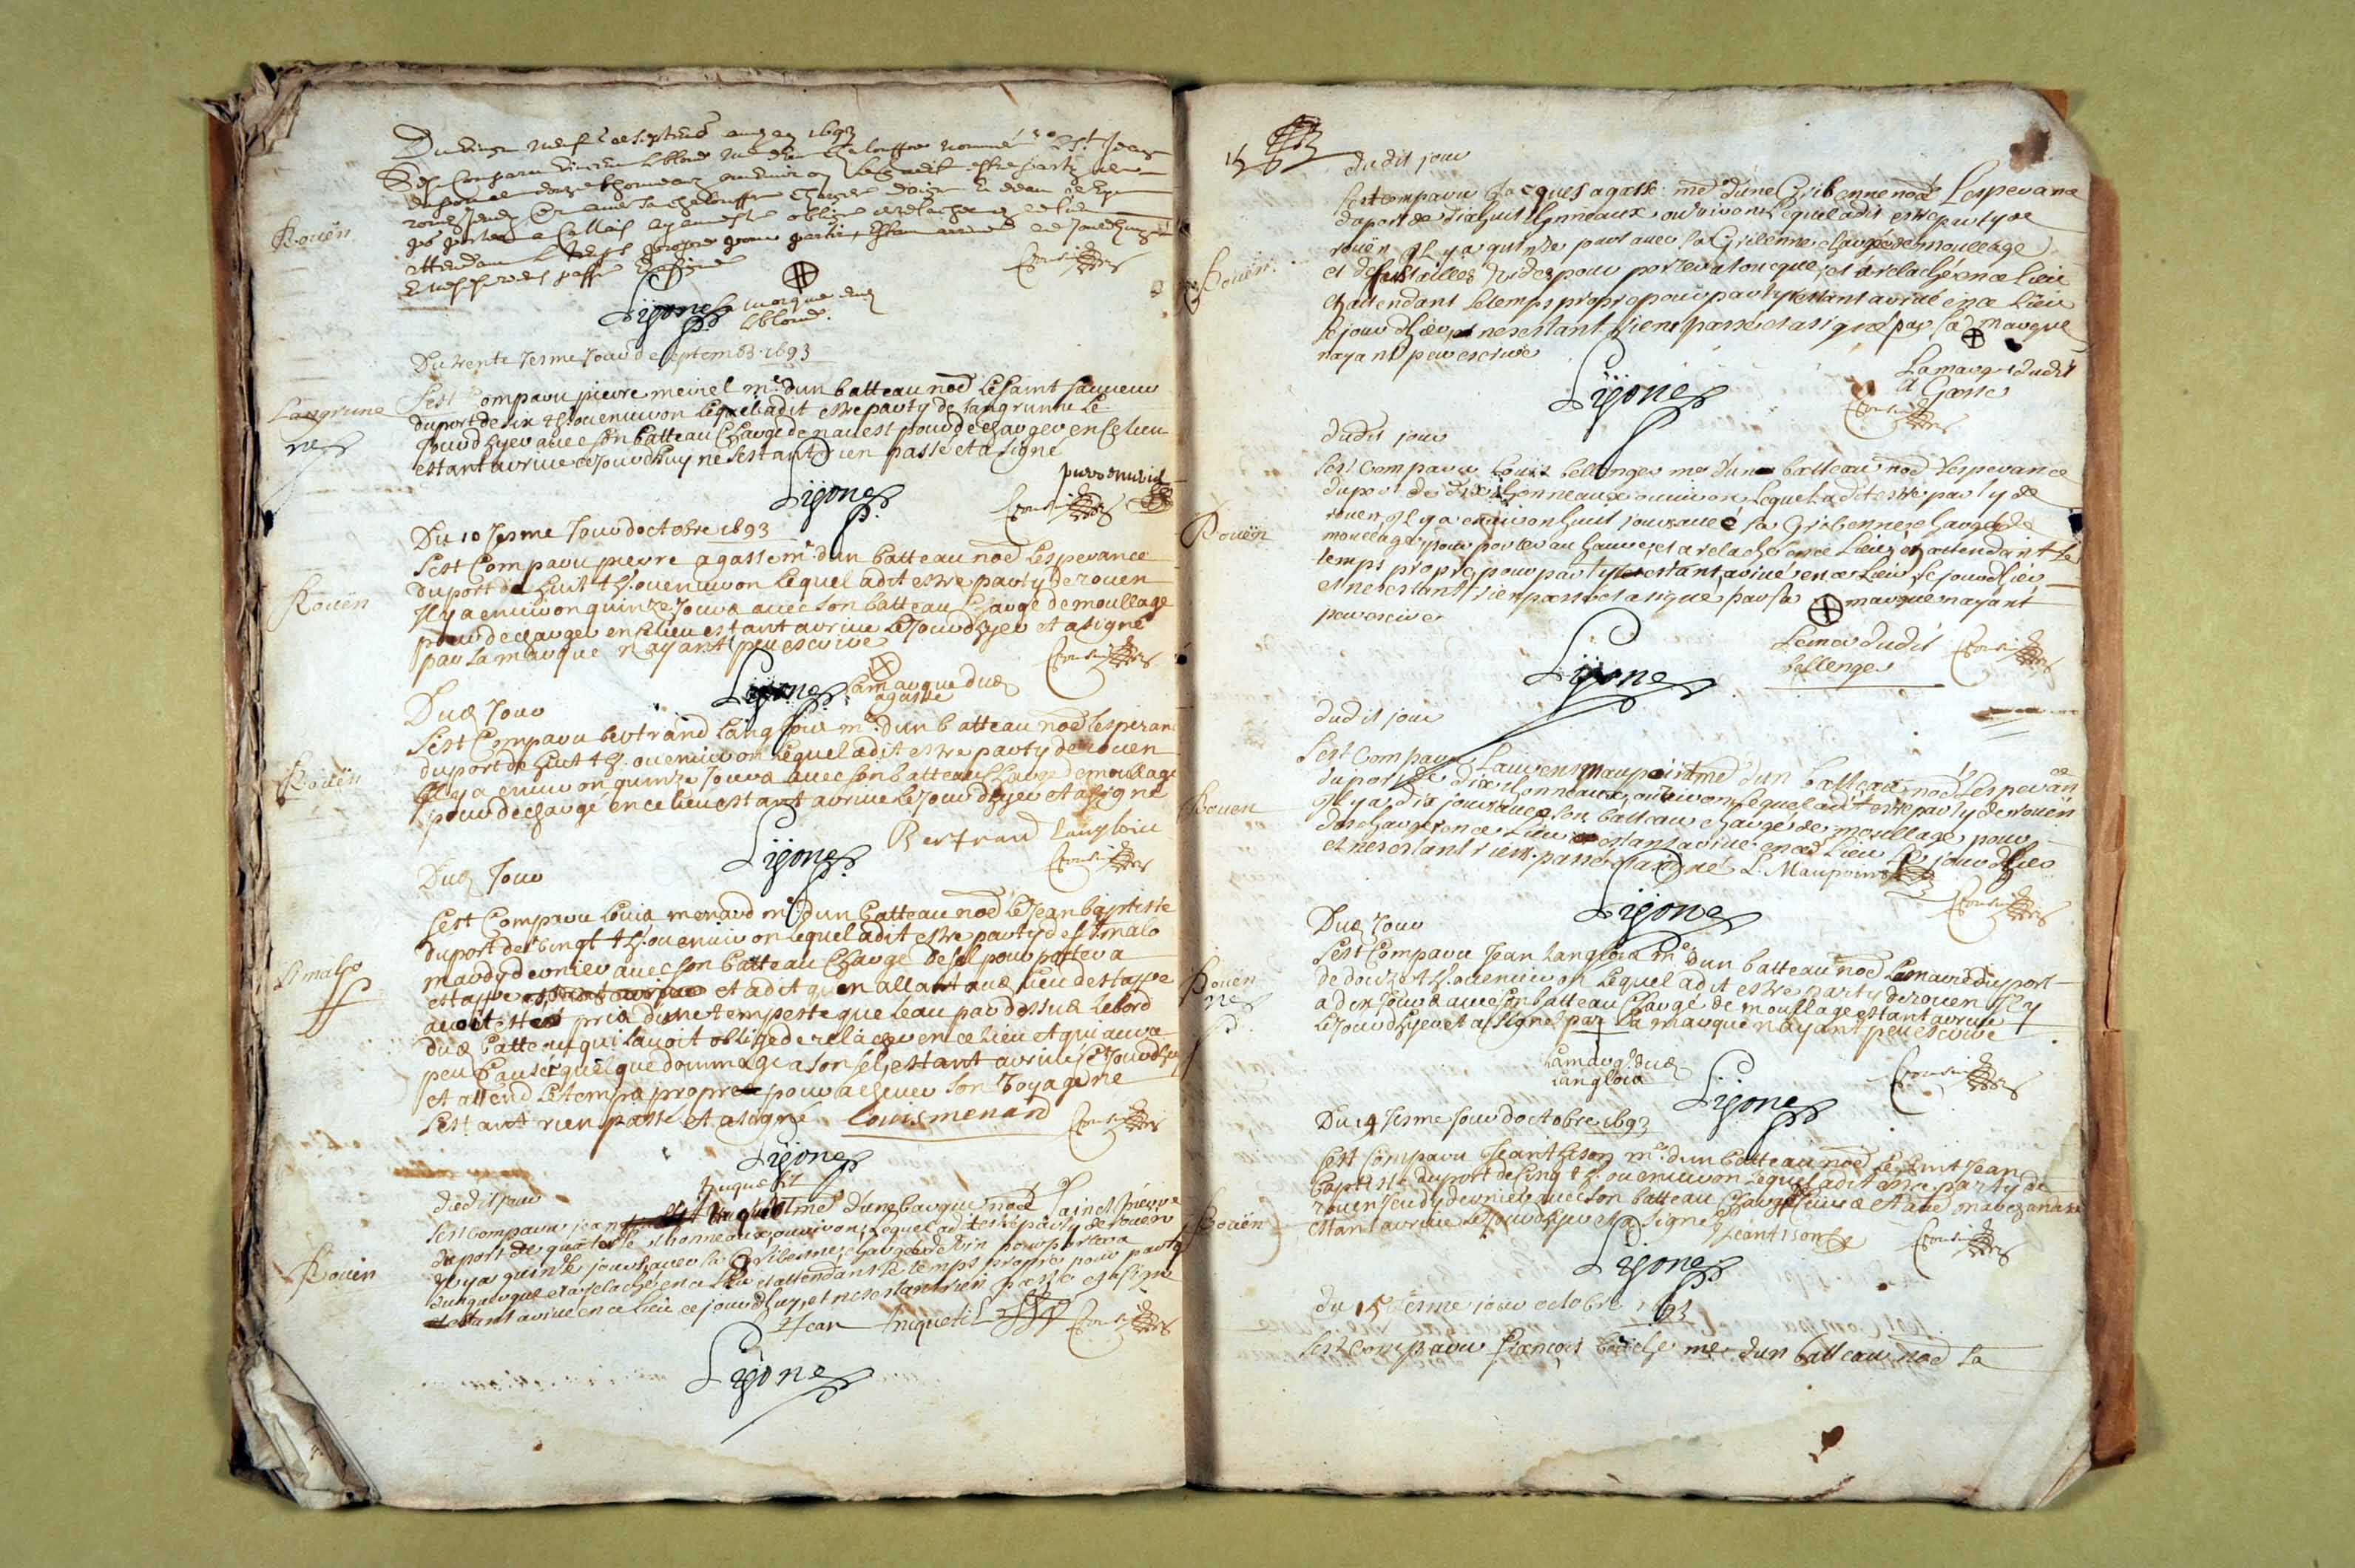 26 mai-23 novembre 1693